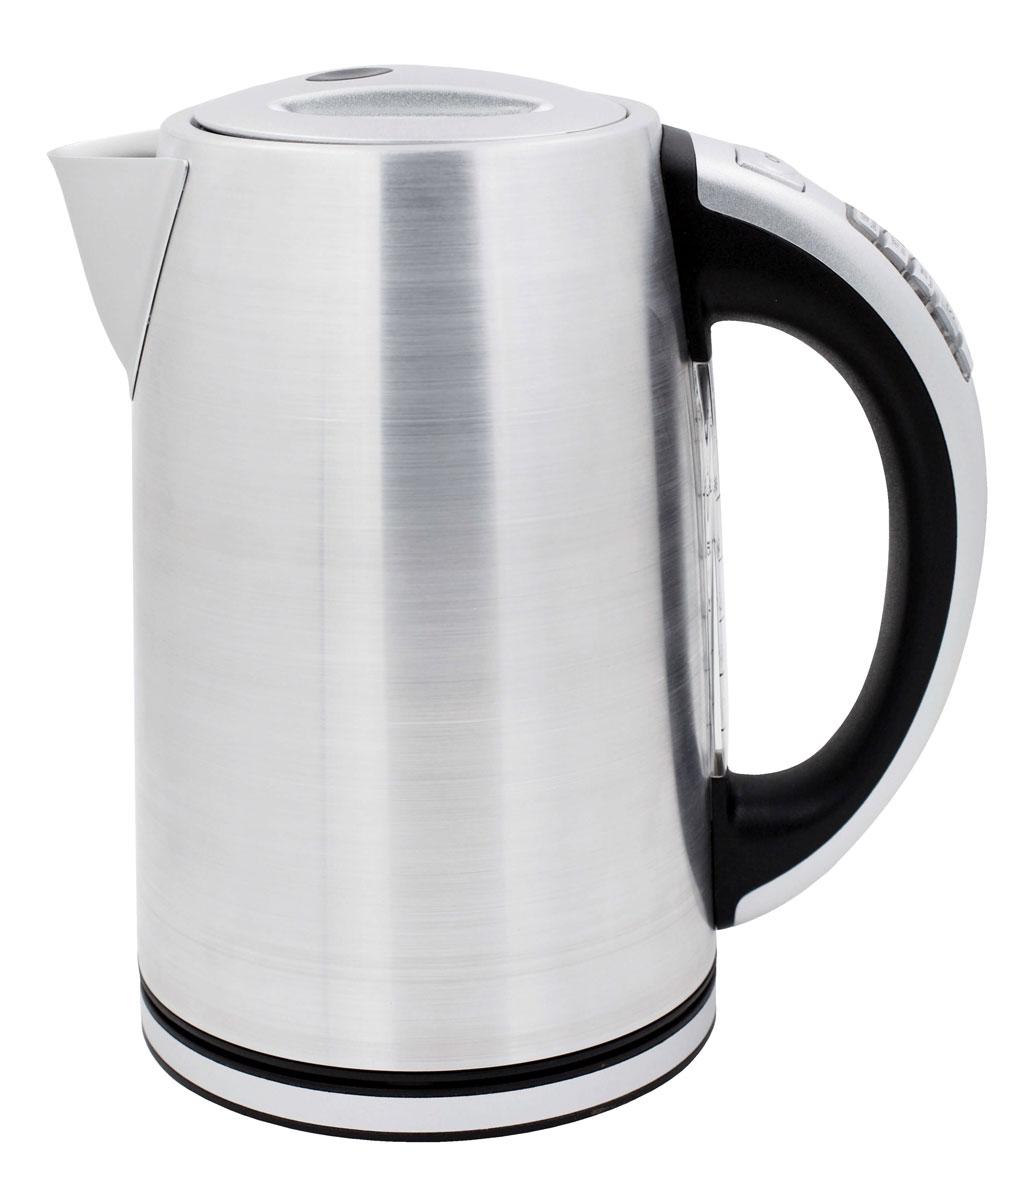 Электрический чайник Gemlux GL-EK-9217WF чайник электрический gemlux gl ek 9217wf